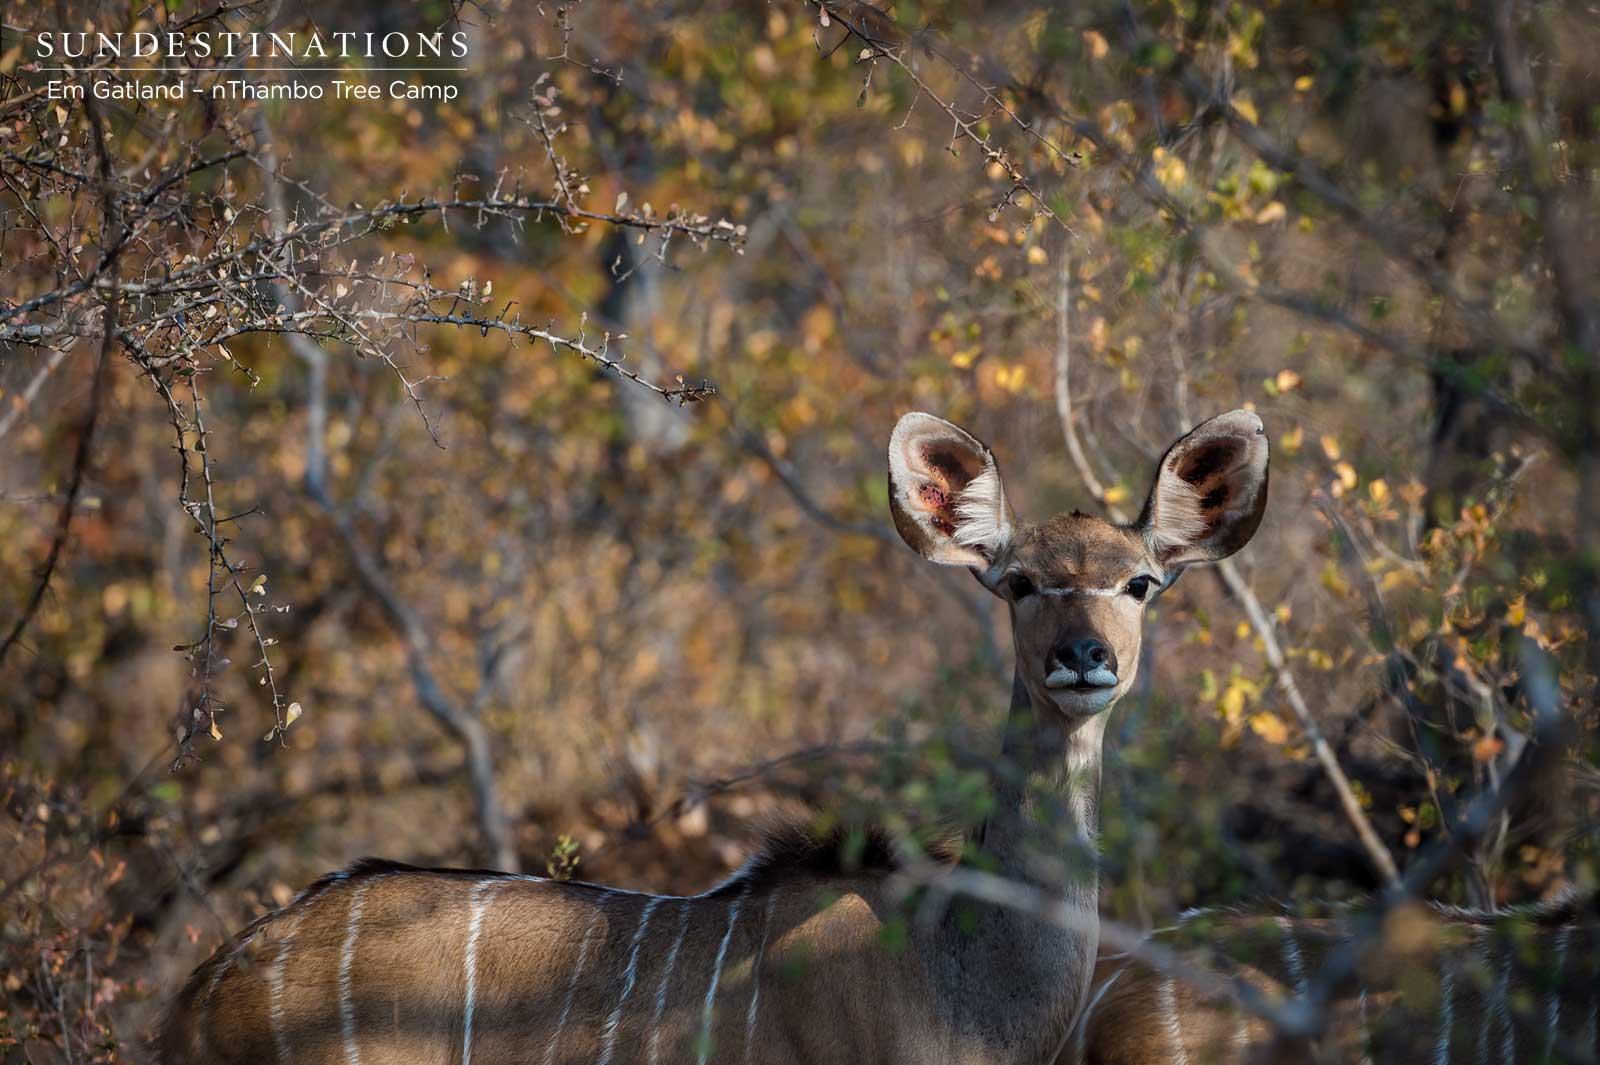 Kudu Cow - nThambo Tree Camp